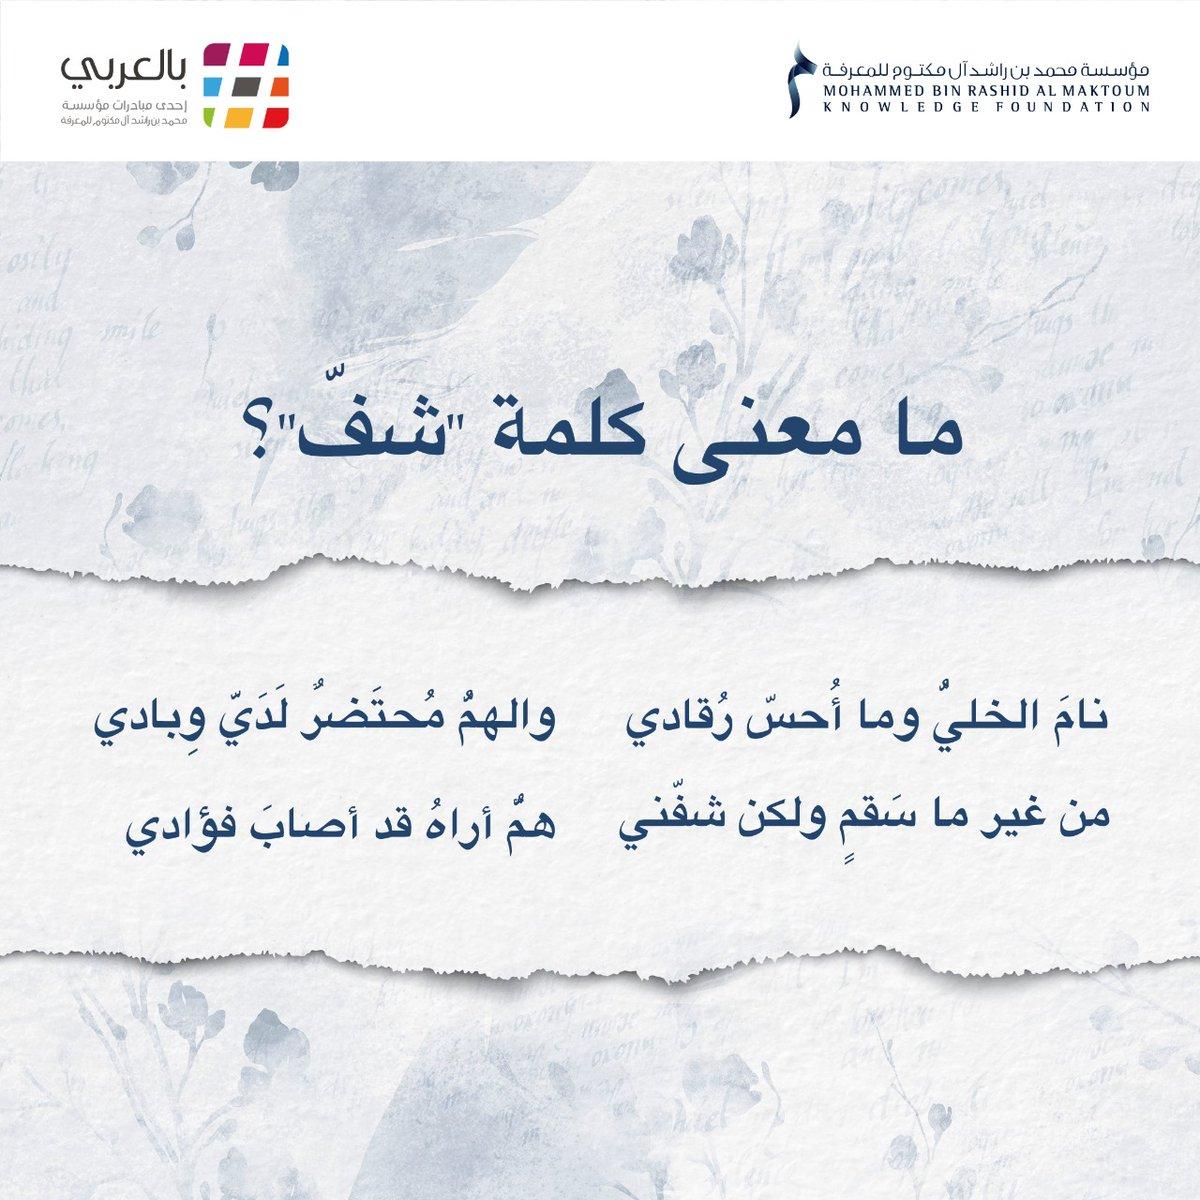 استبيان اسم تداخل معنى كلمة بيتش بالعربي Dsvdedommel Com